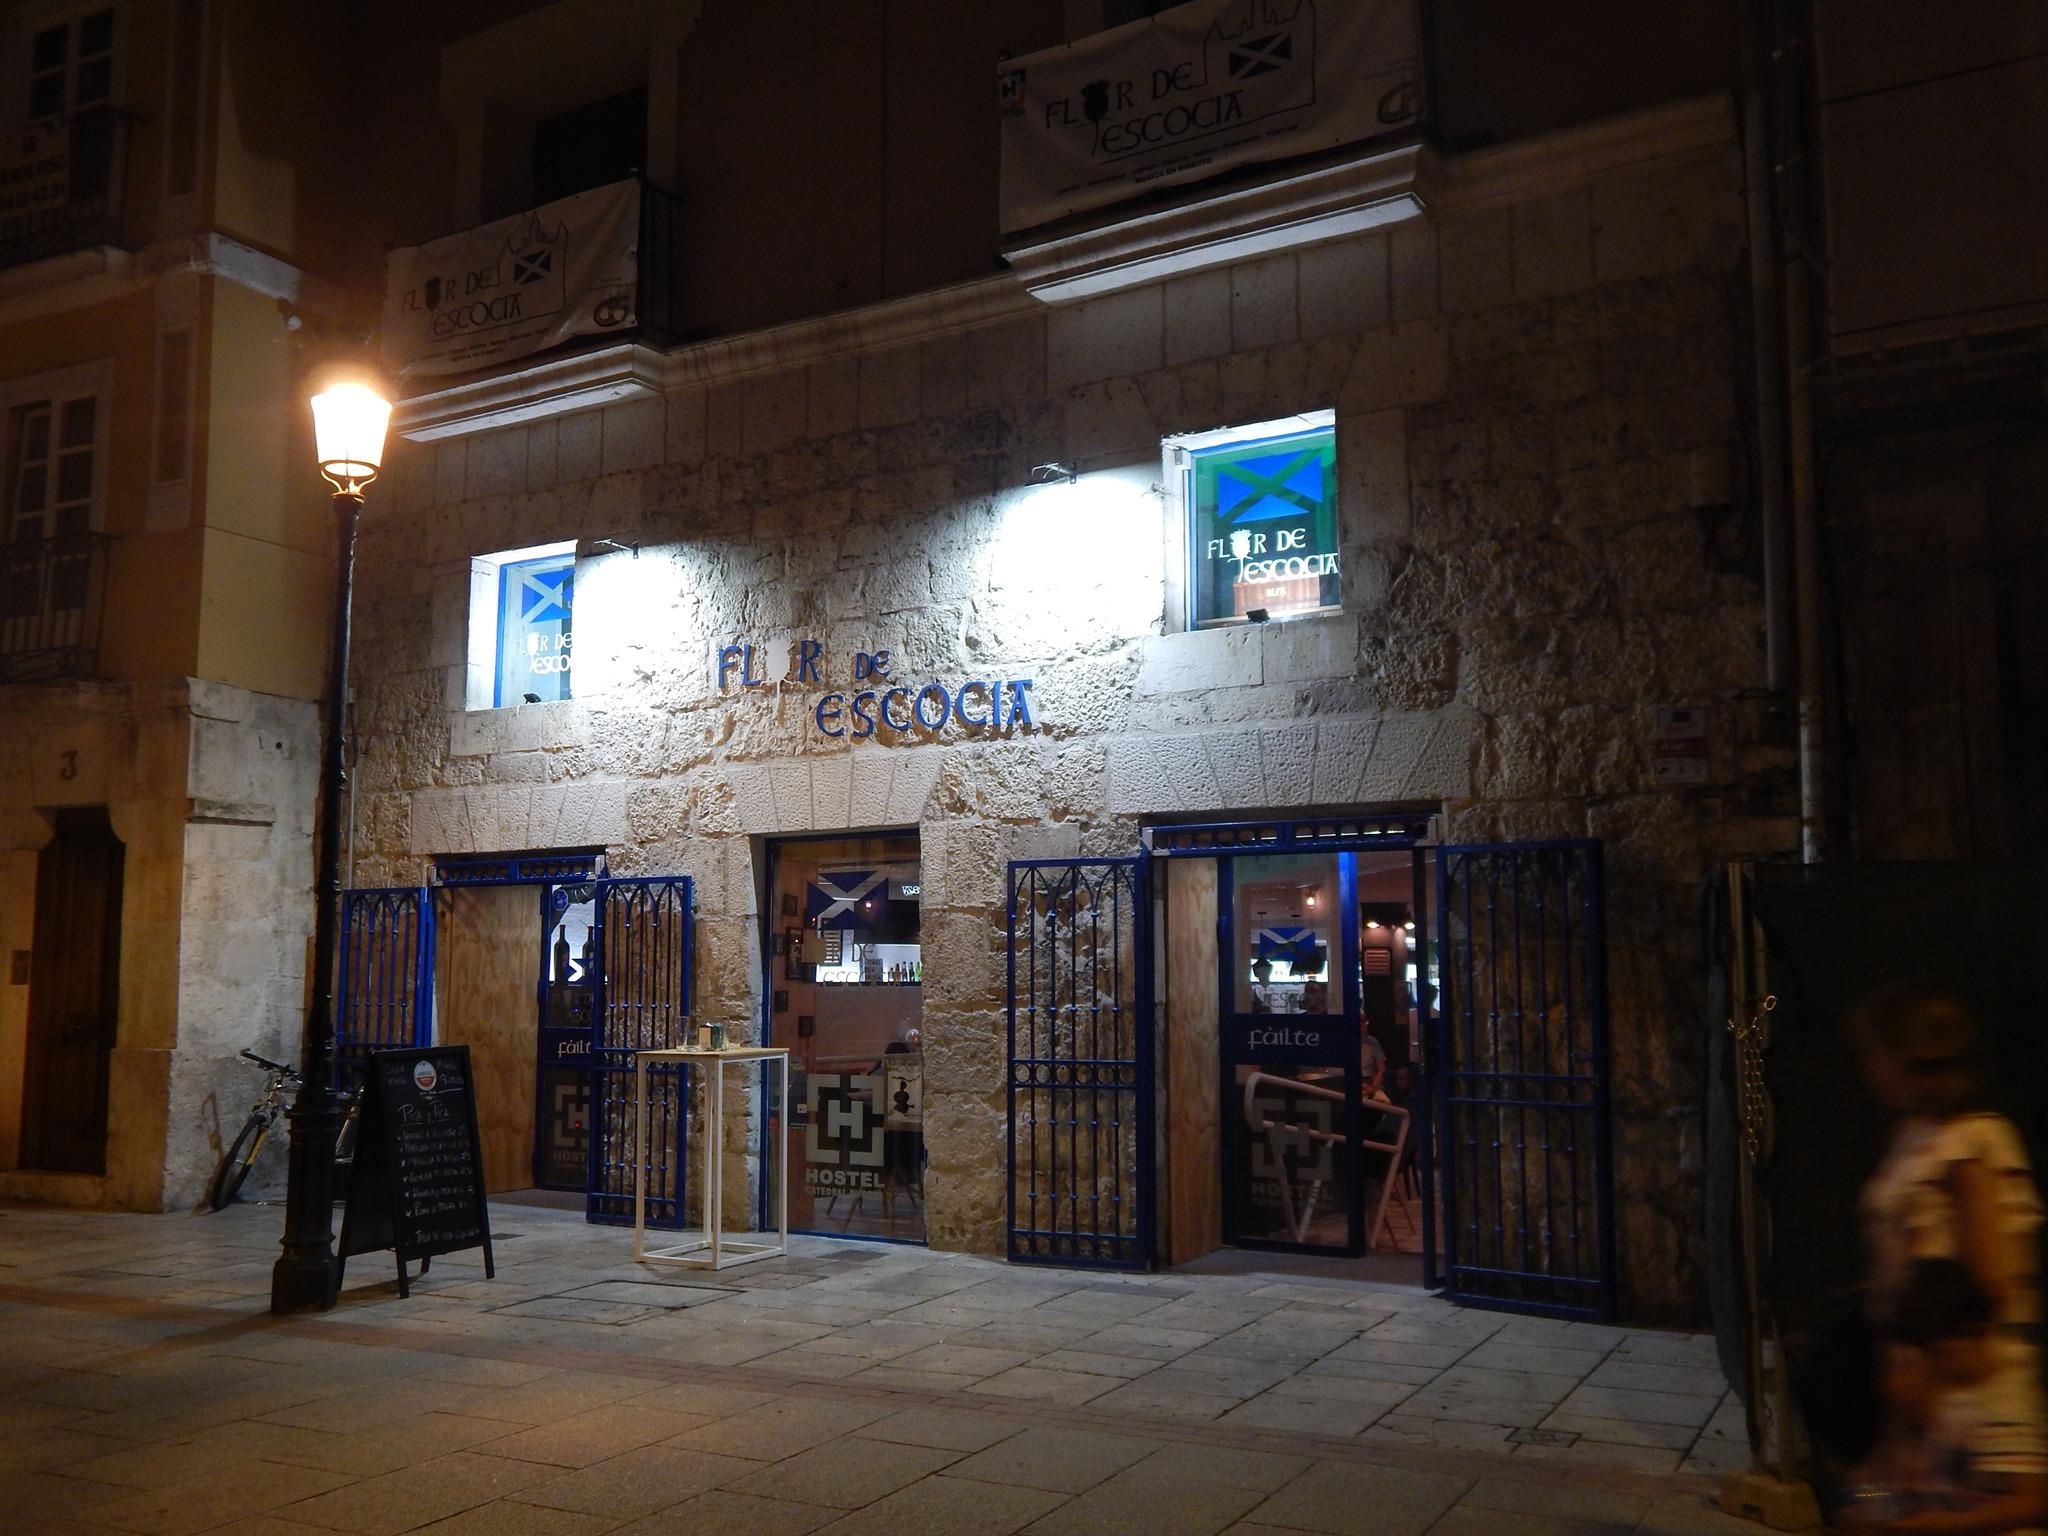 Restaurante situado a 2 minutos de la Catedral de Burgos, donde poder disfrutar de cocina tradicional y de un buen partido de rugby.